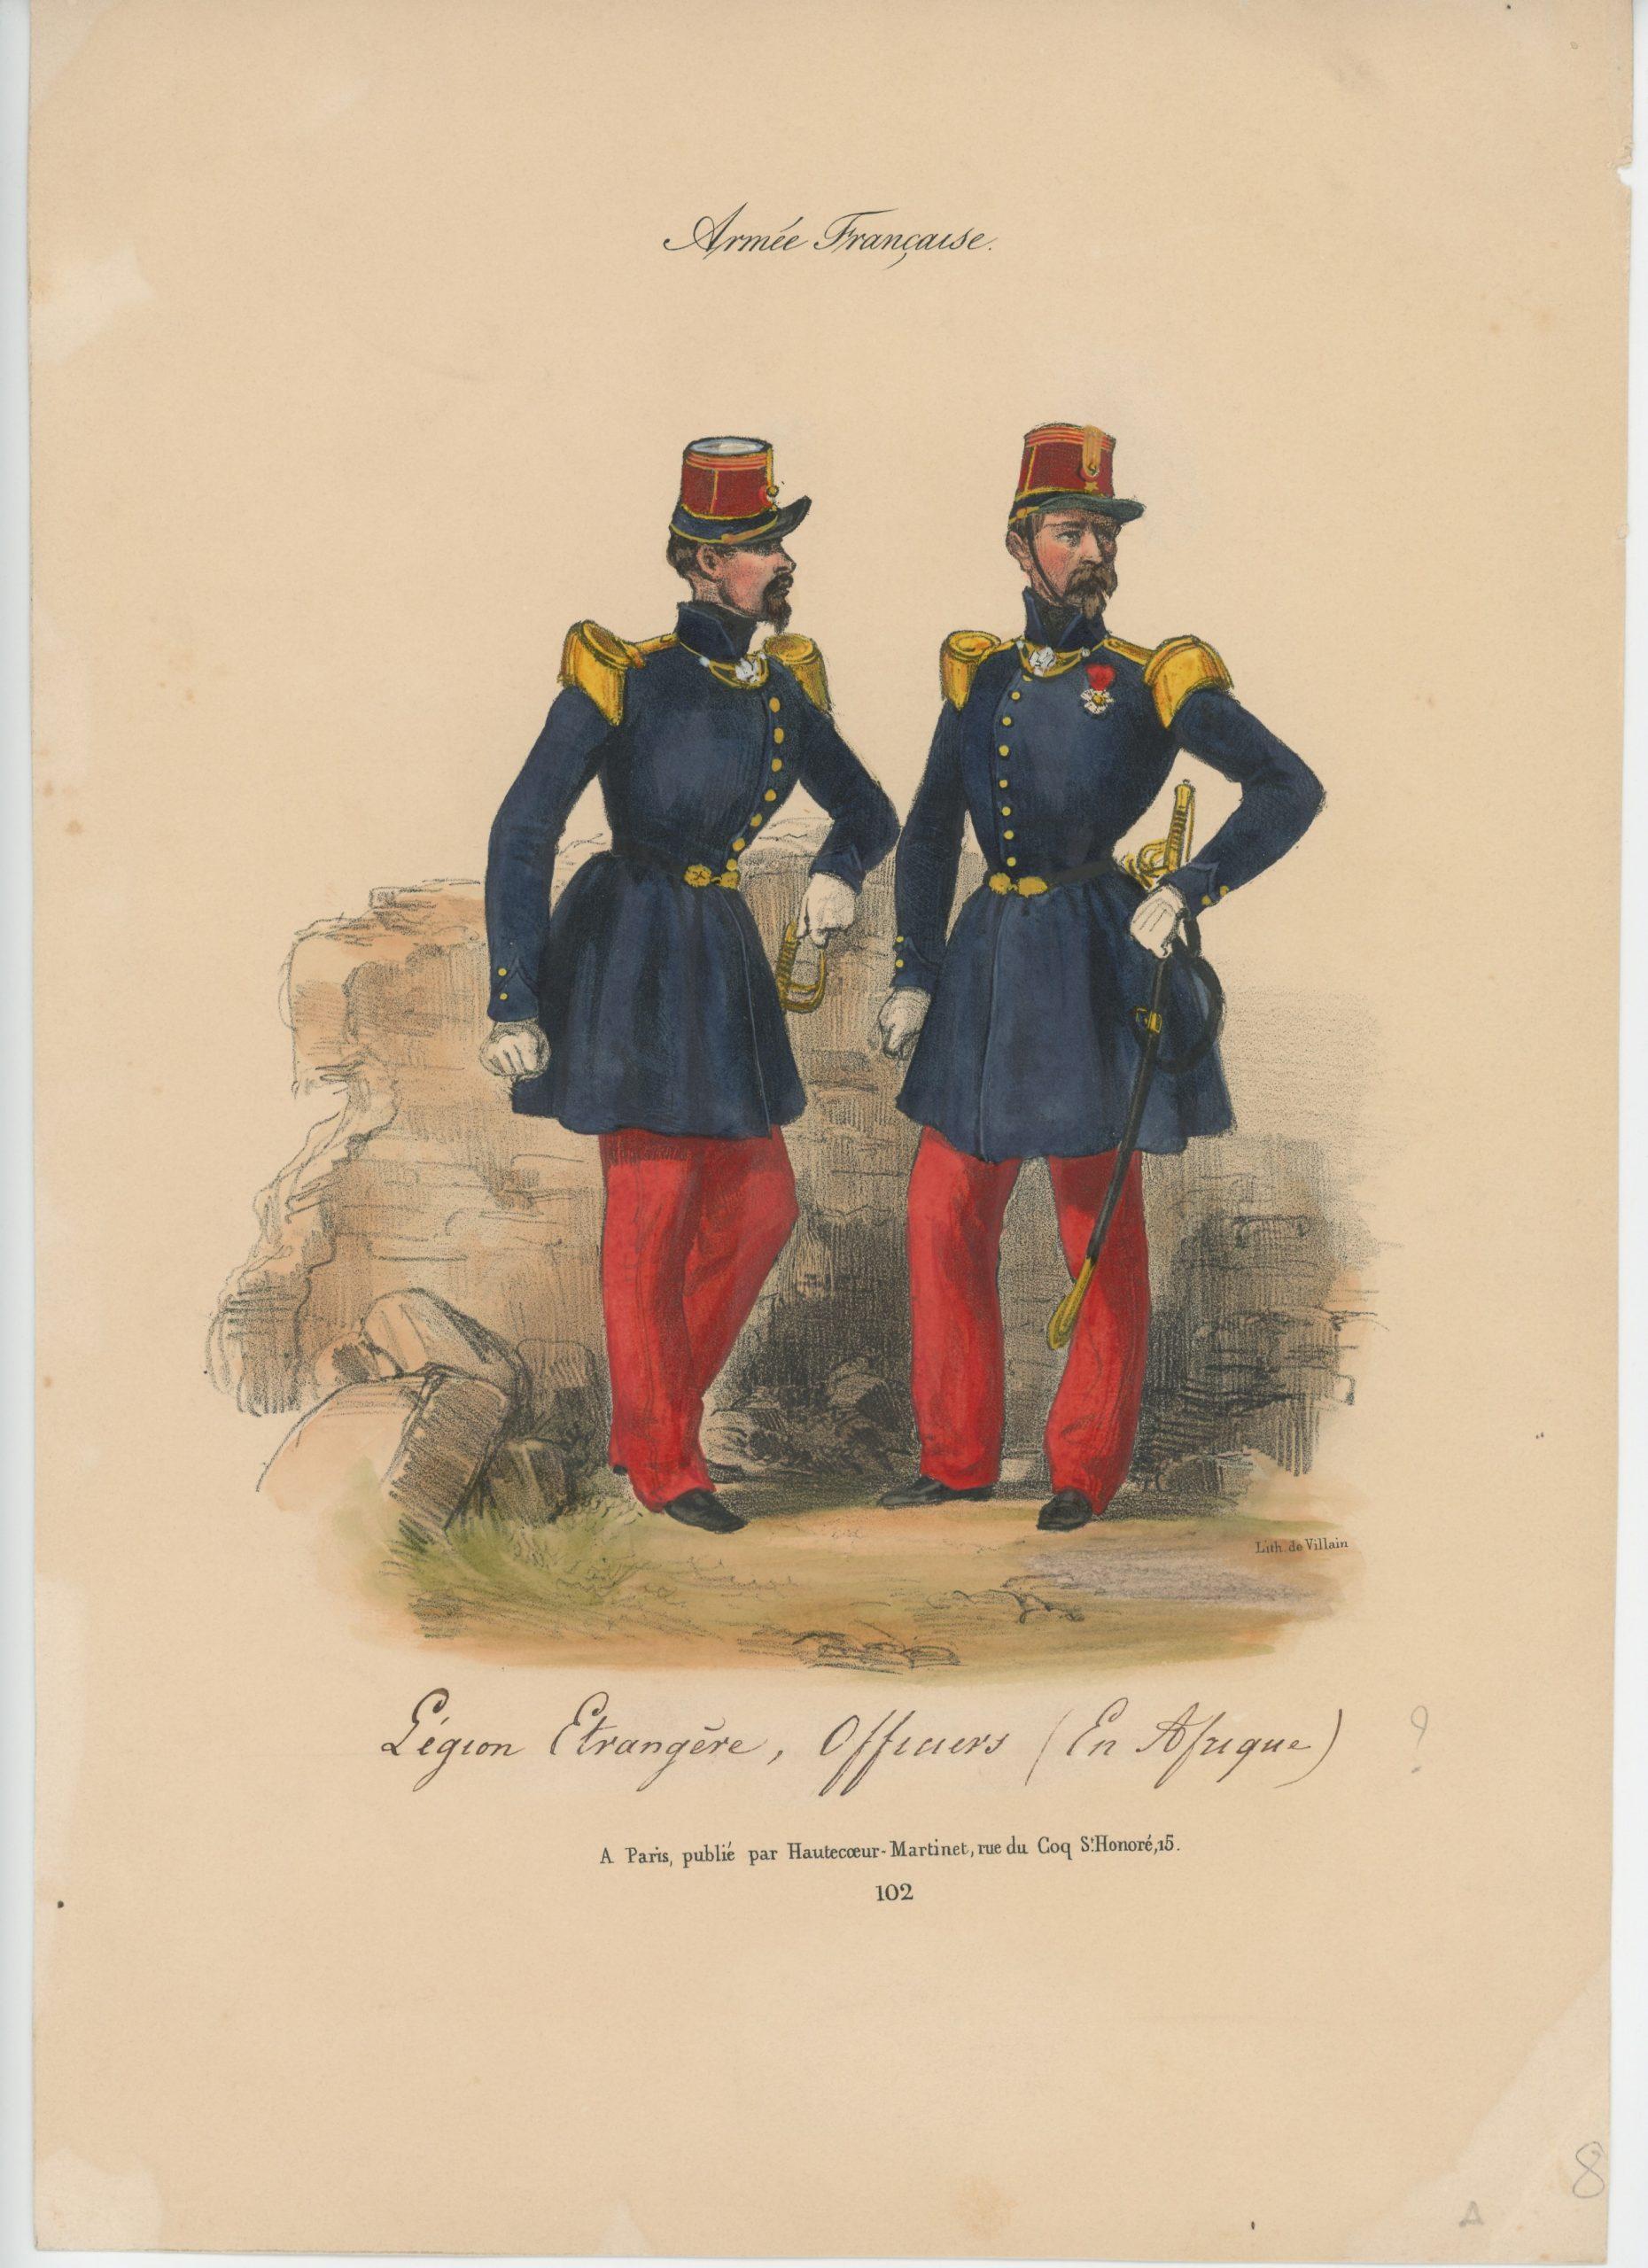 Gravure XIX - Martinet - L'armée française - Uniforme -Soldat - Monarchie de Juillet - 1830 et 1848 - Légion Etrangère Officier